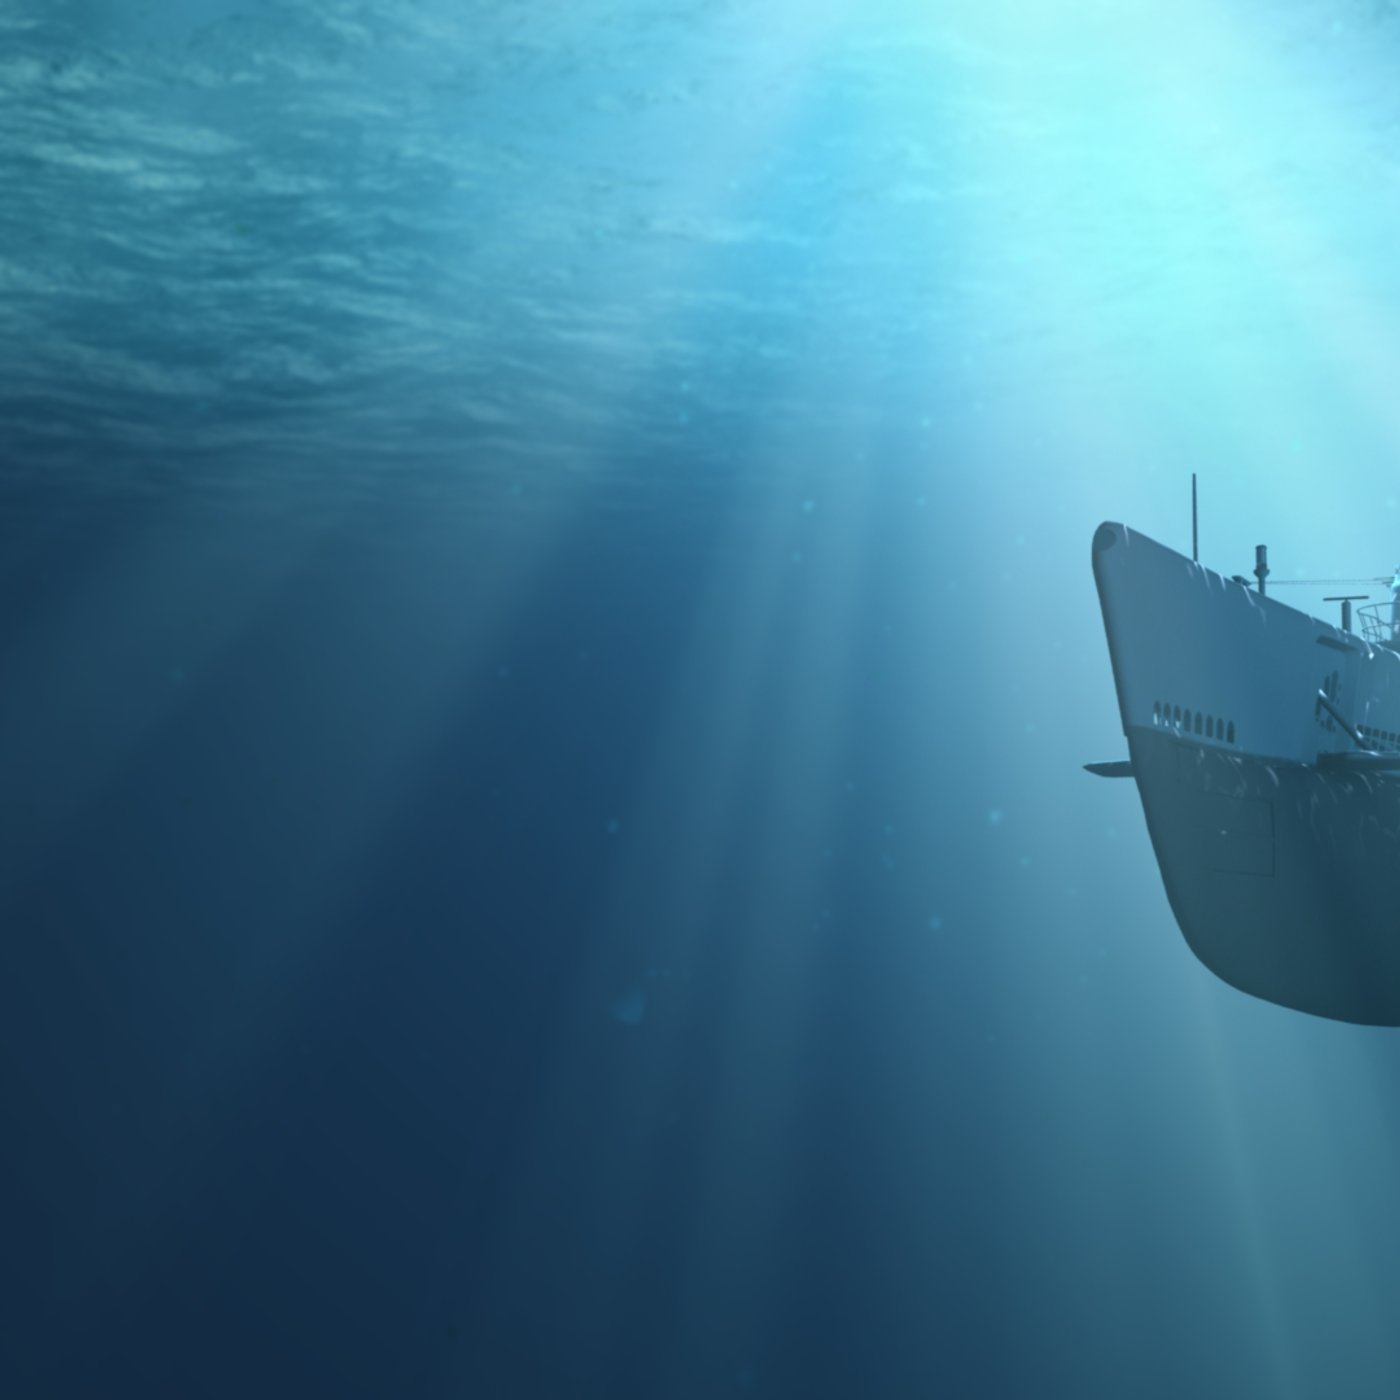 World War II Baleo Submarine in Action